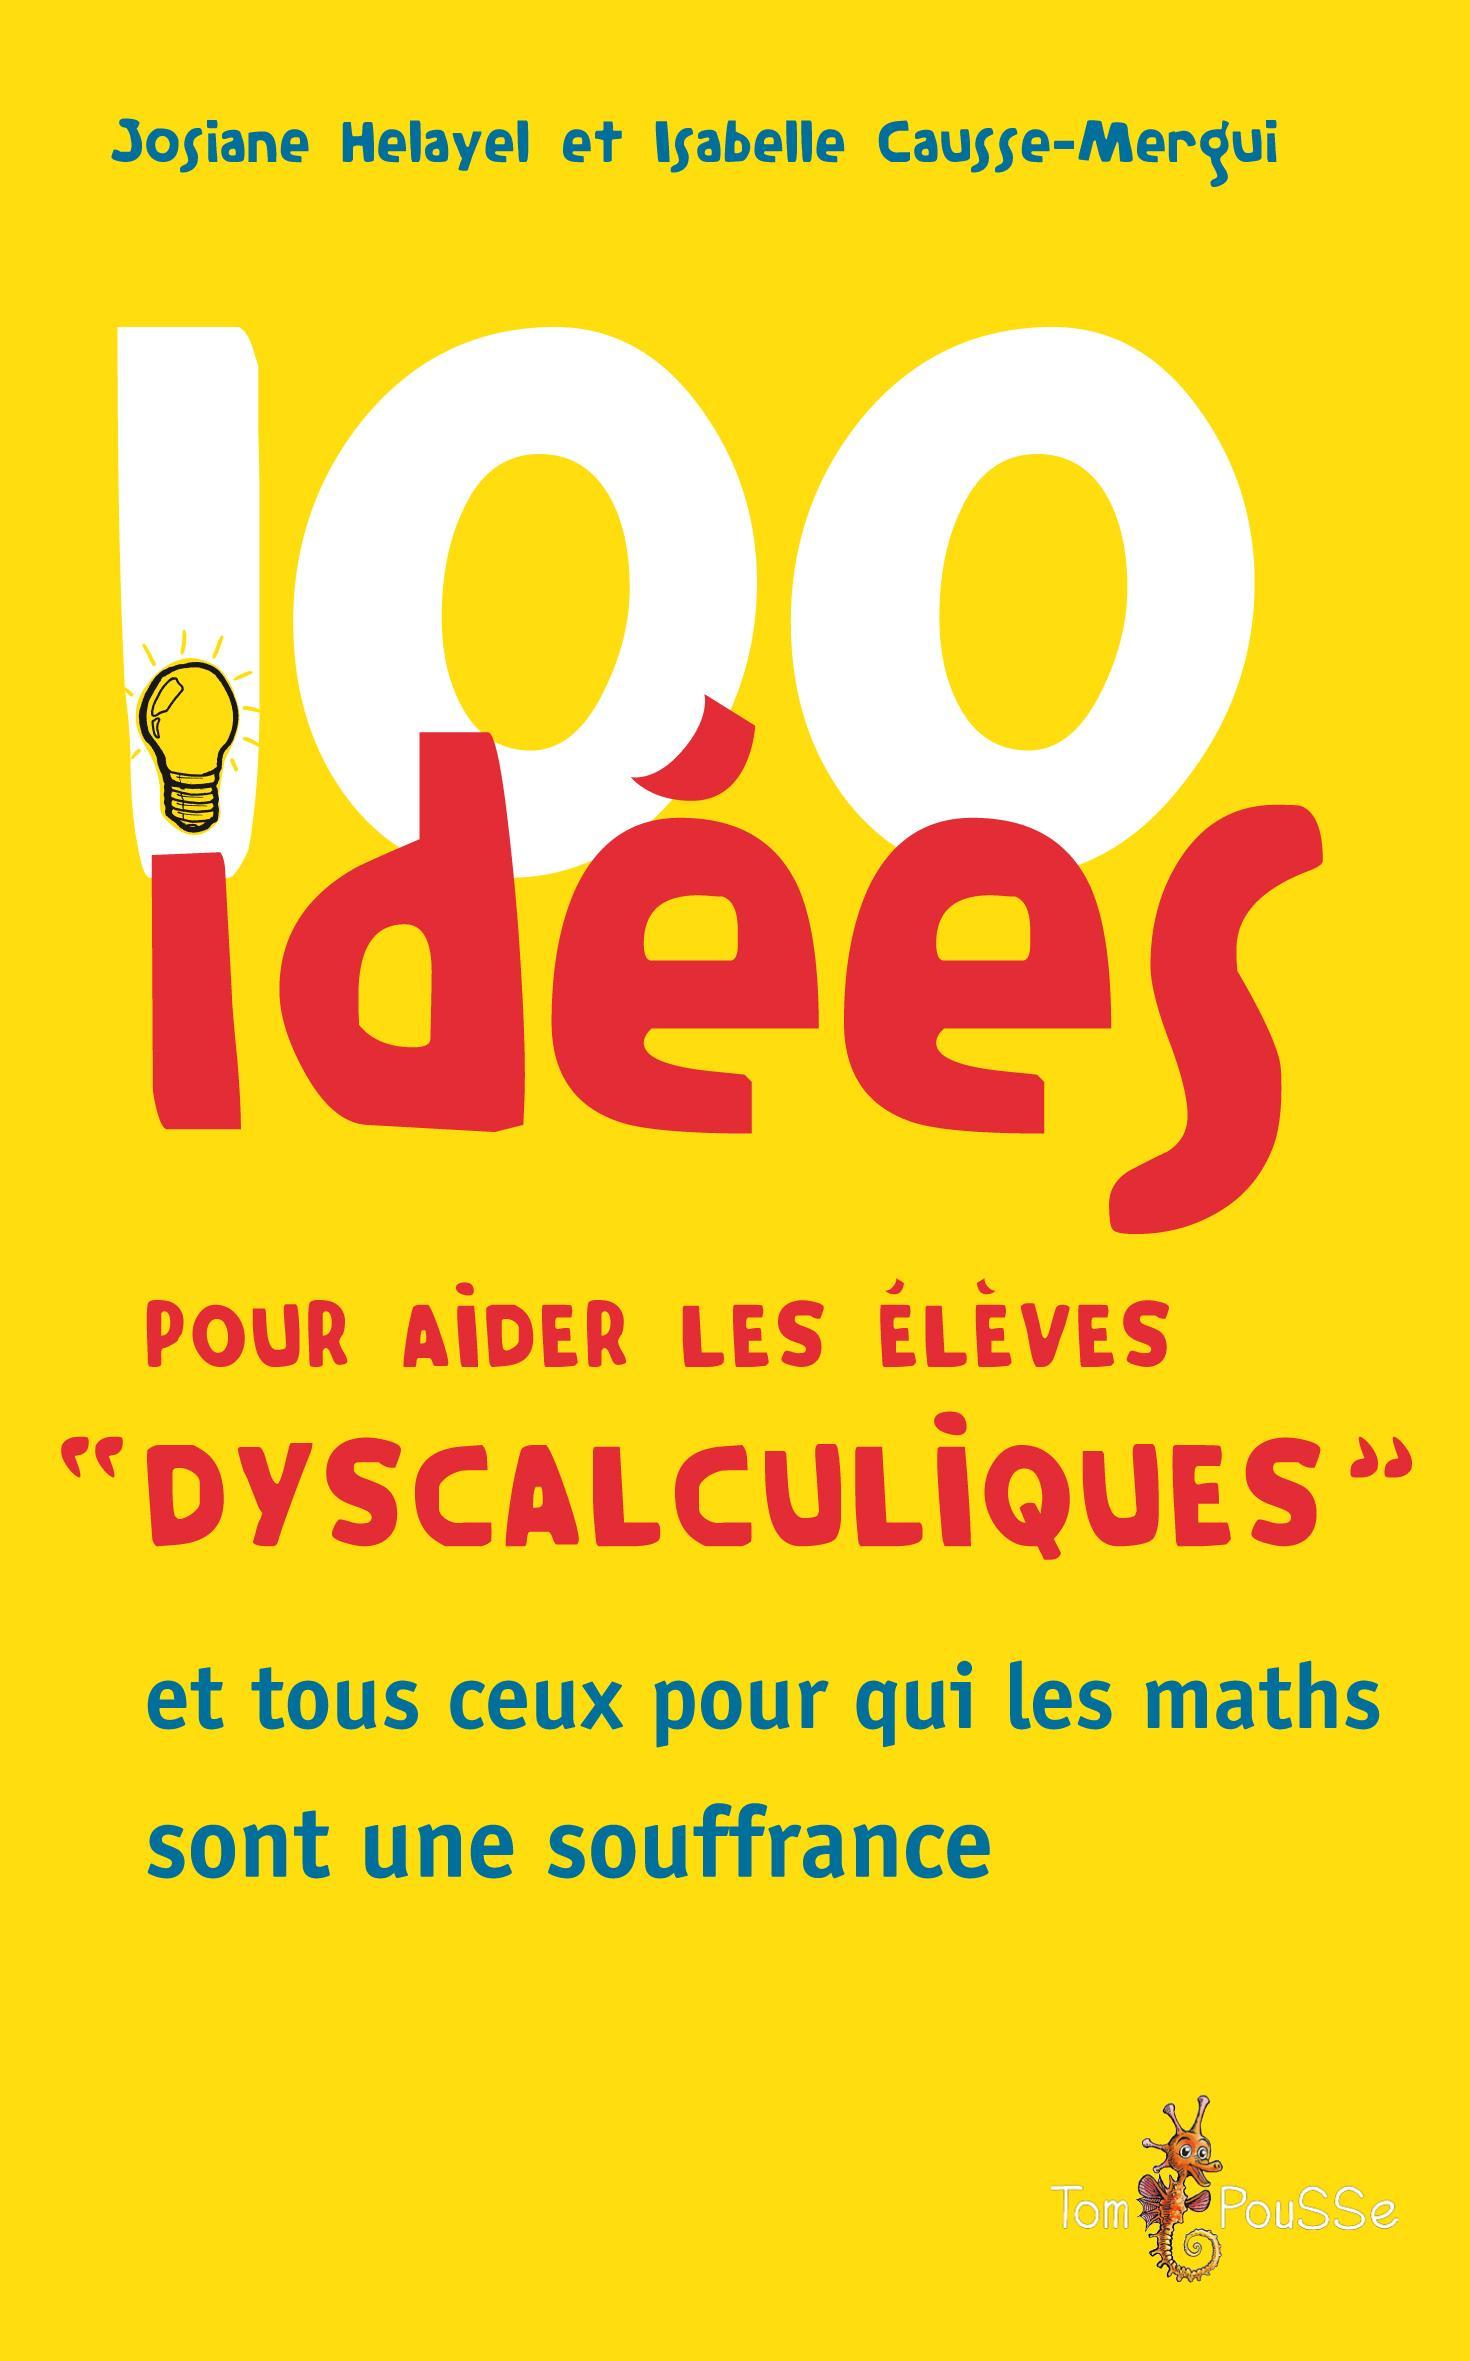 100 IDEES POUR QUE TOUS LES ENFANTS SACHENT LIRE